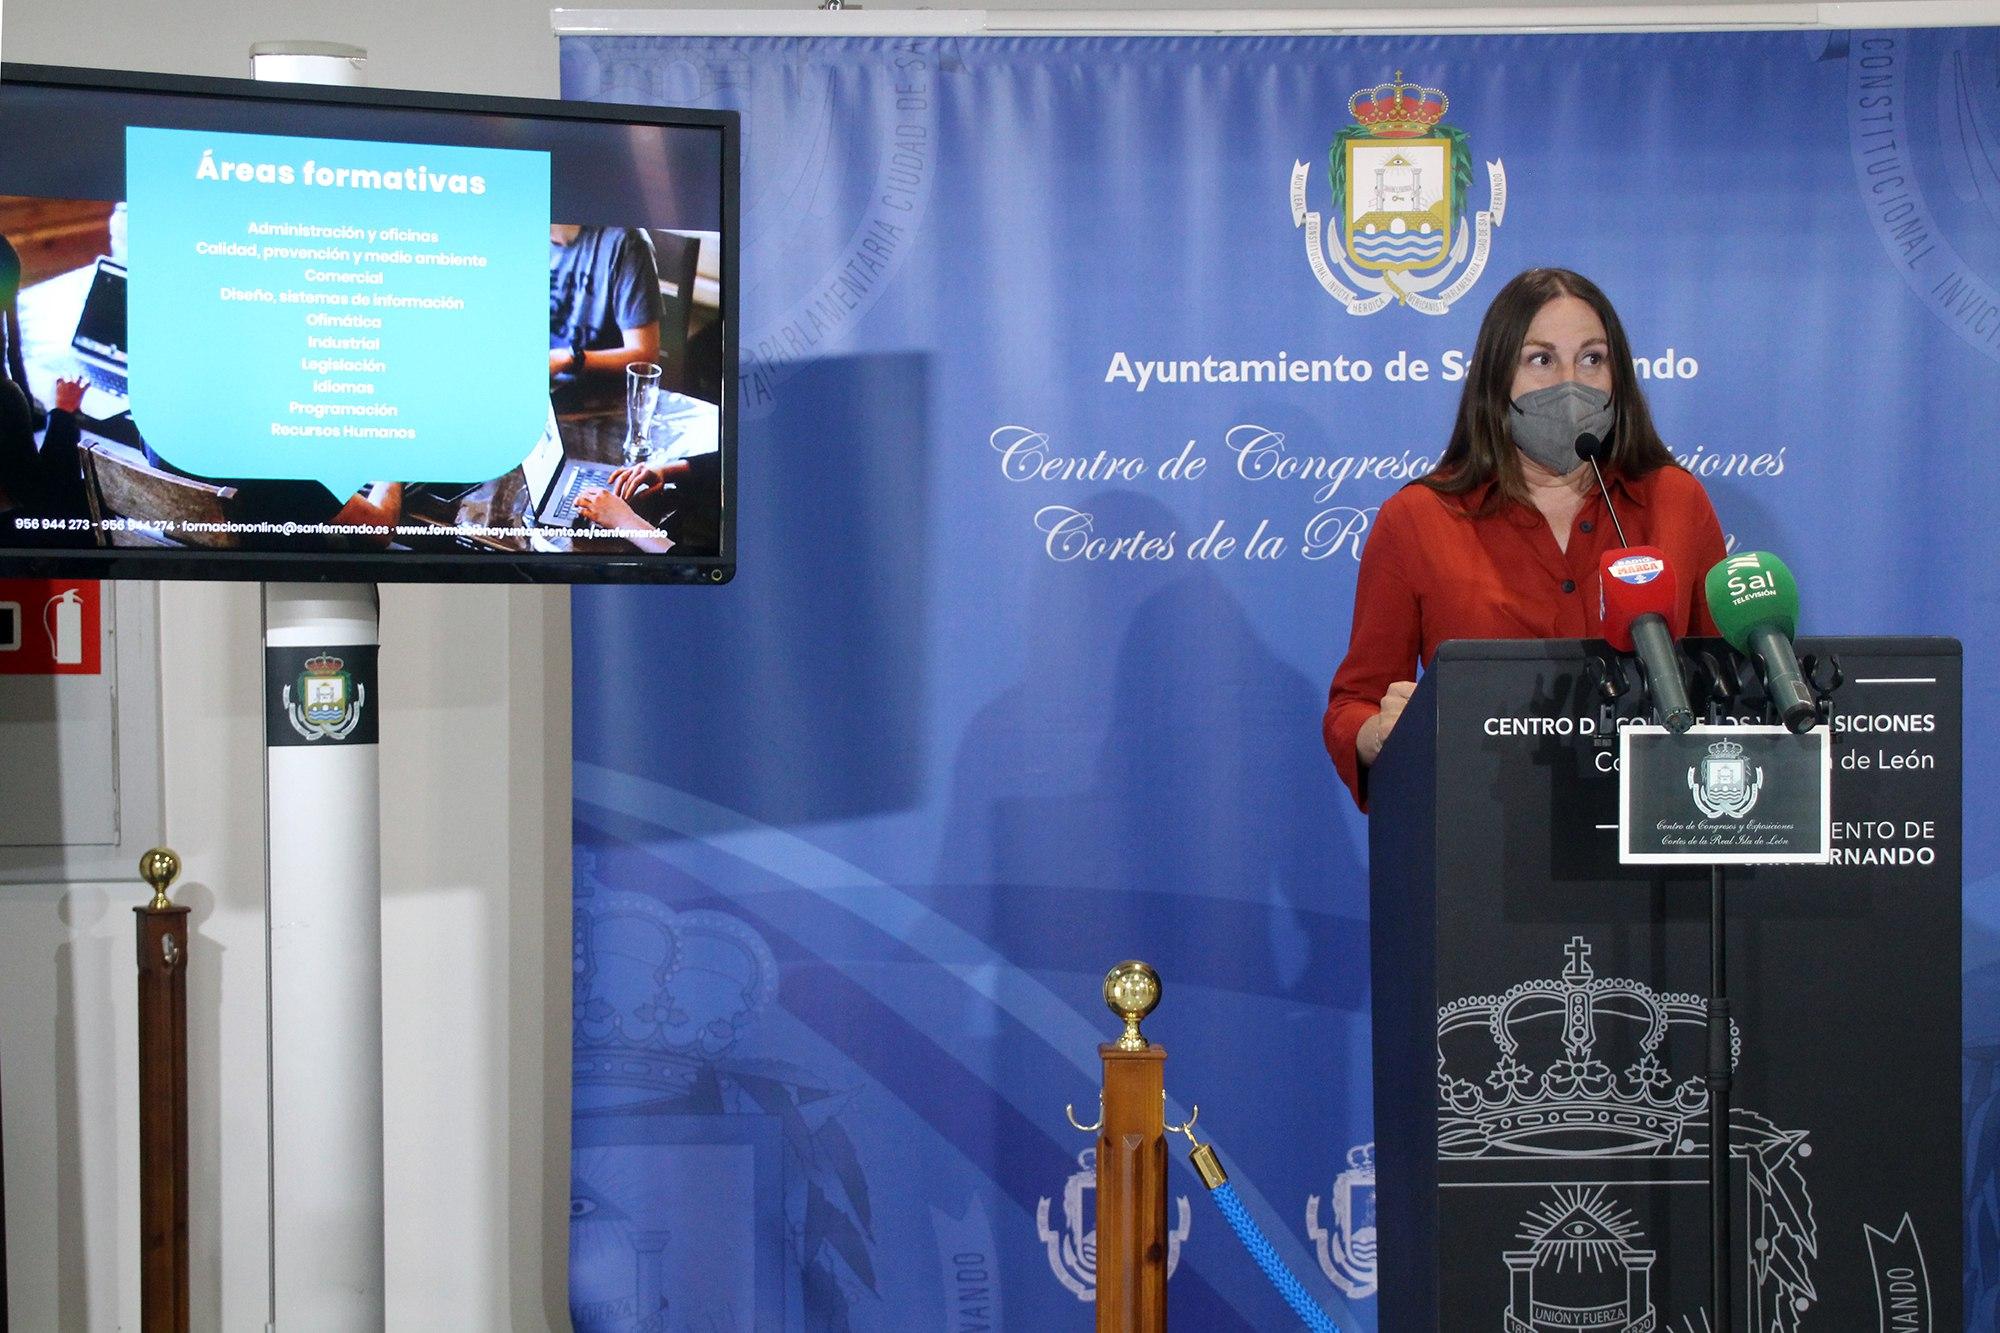 Presentada la Escuela Virtual de Formación gratuita para la ciudadanía